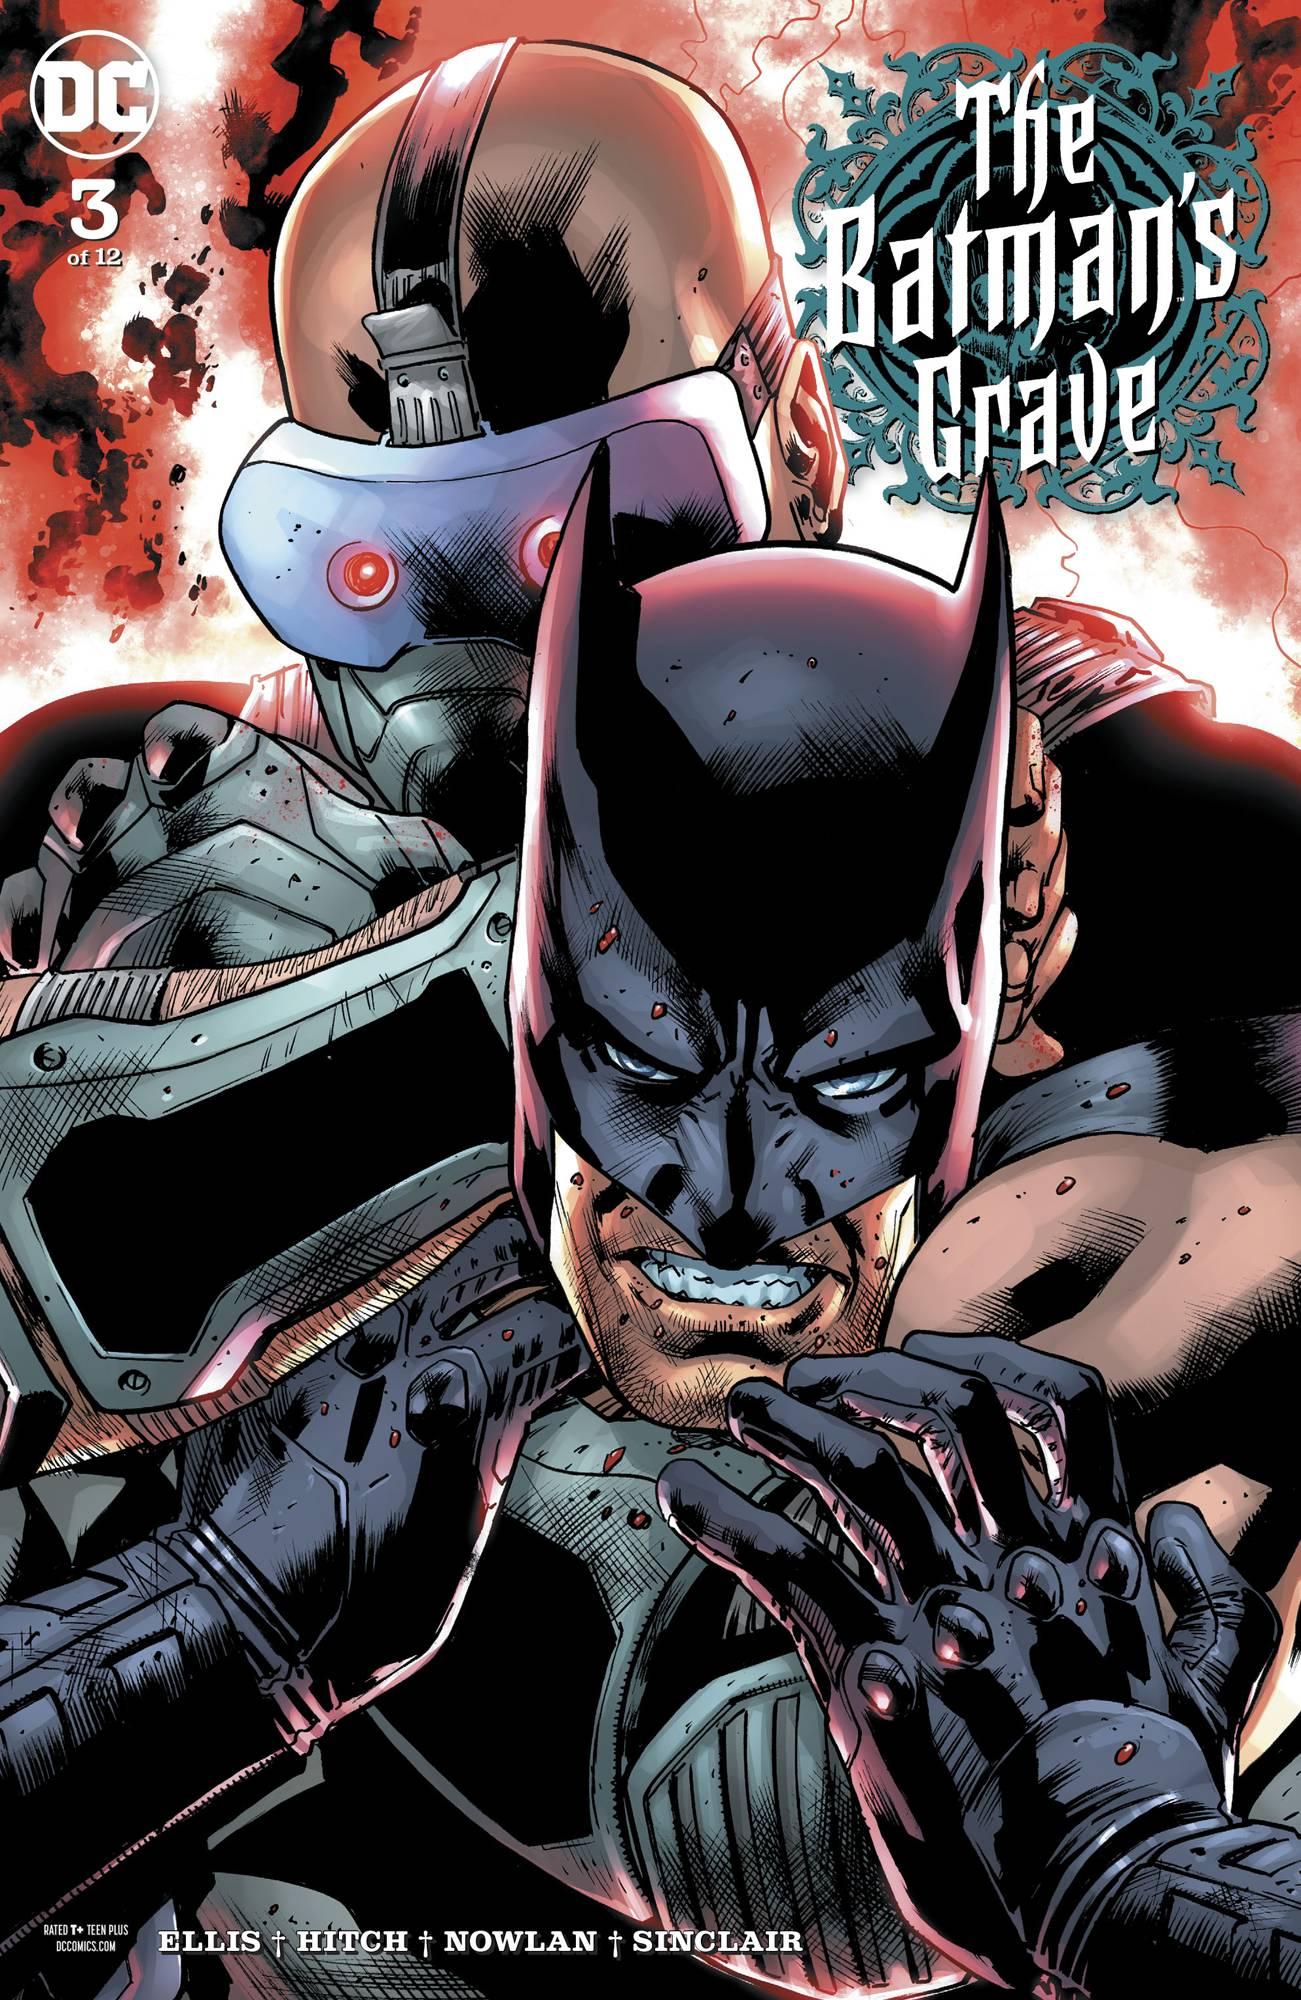 The Batman's Grave #3 (2019)